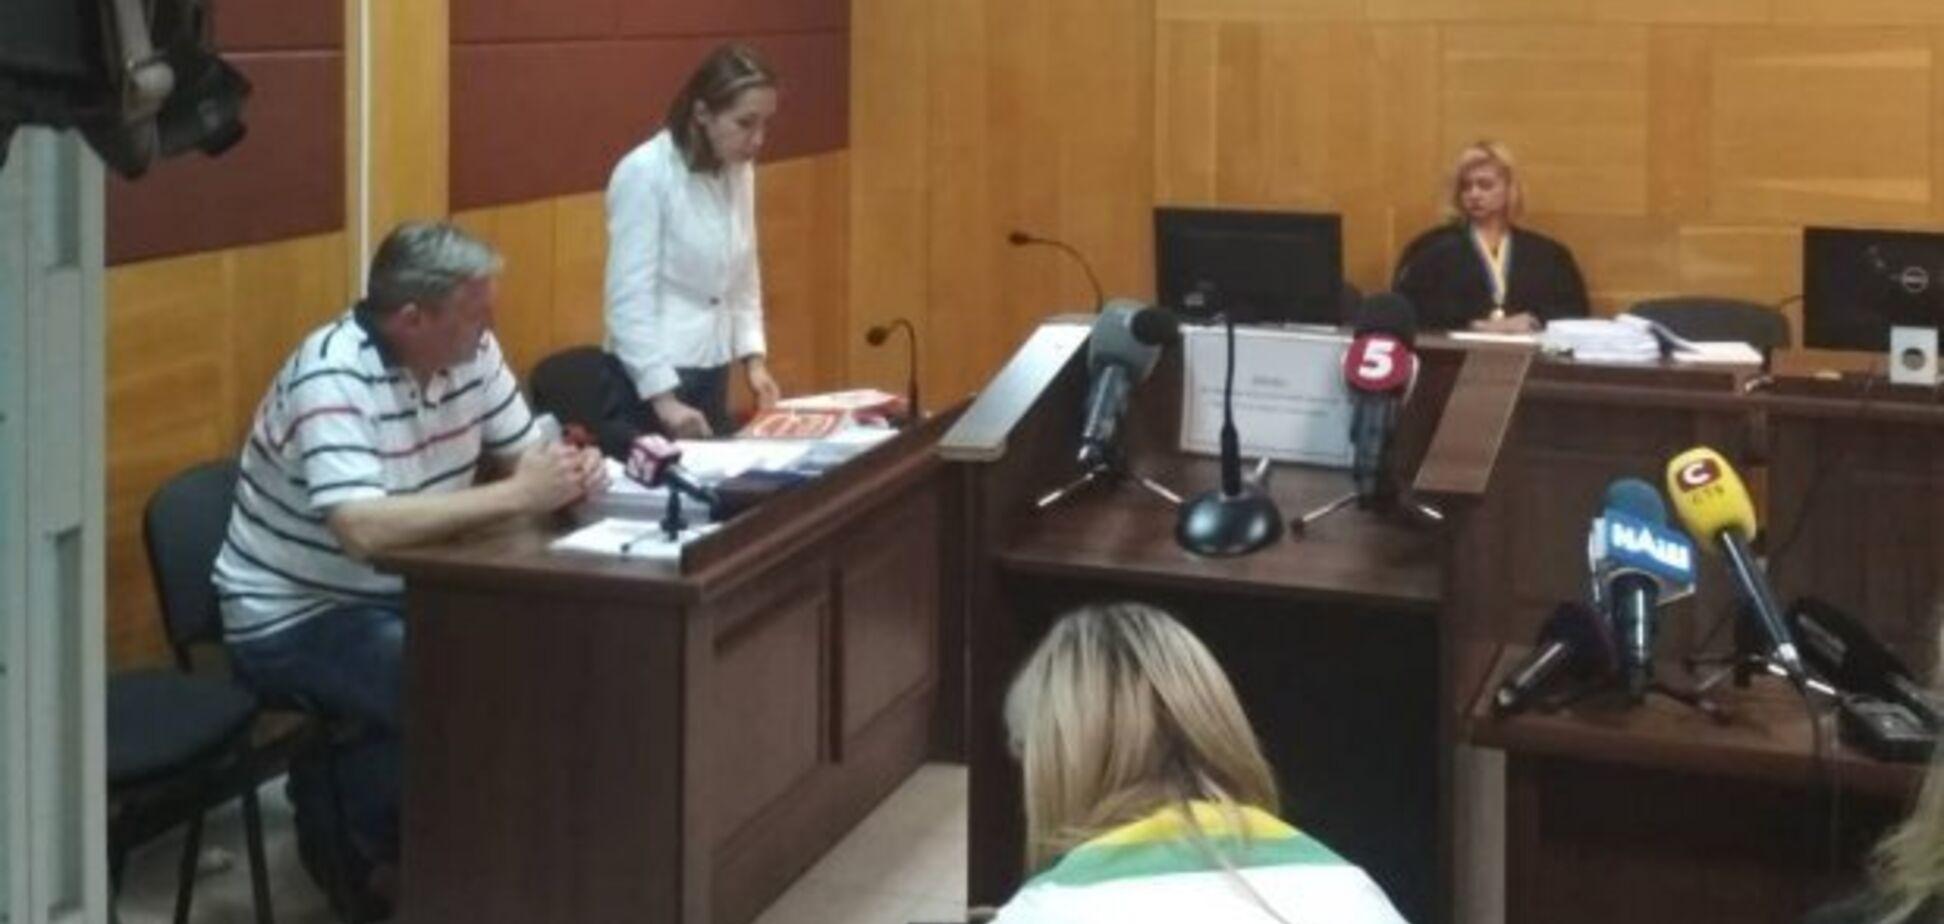 Грымчака не смогли арестовать из-за конфуза: что теперь будет